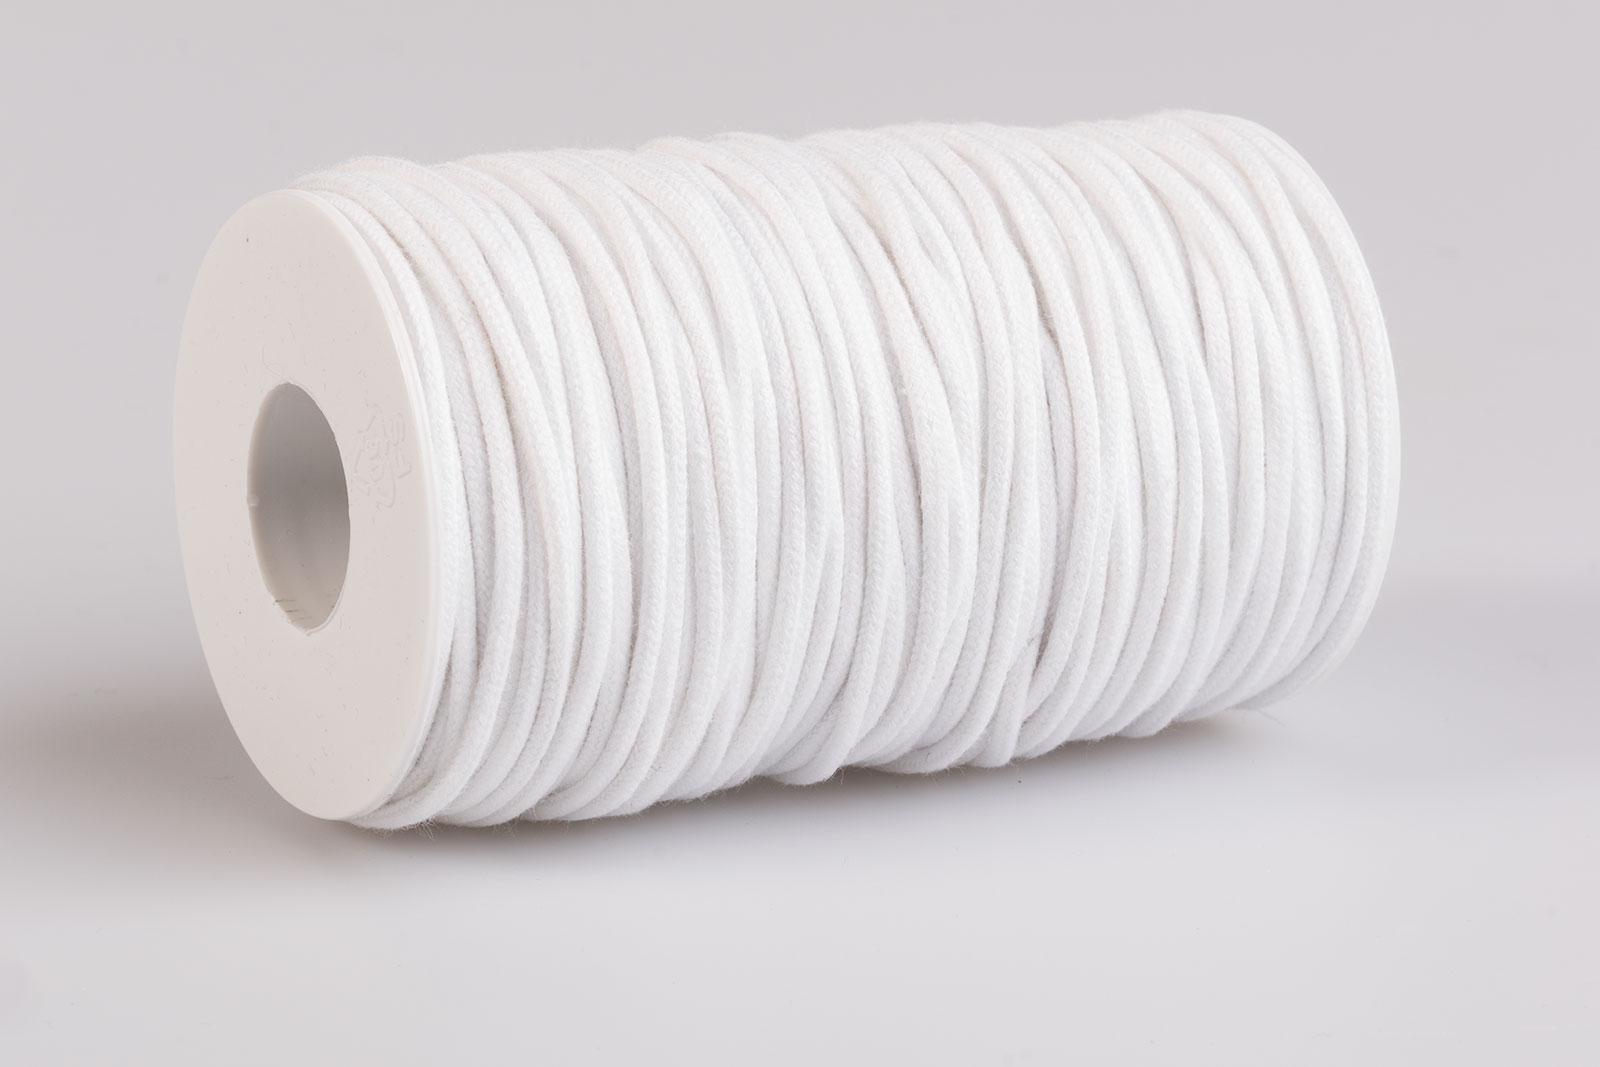 Acquista Cordino tondo cotone Bianco - Laccioteca fa32e4c54e1